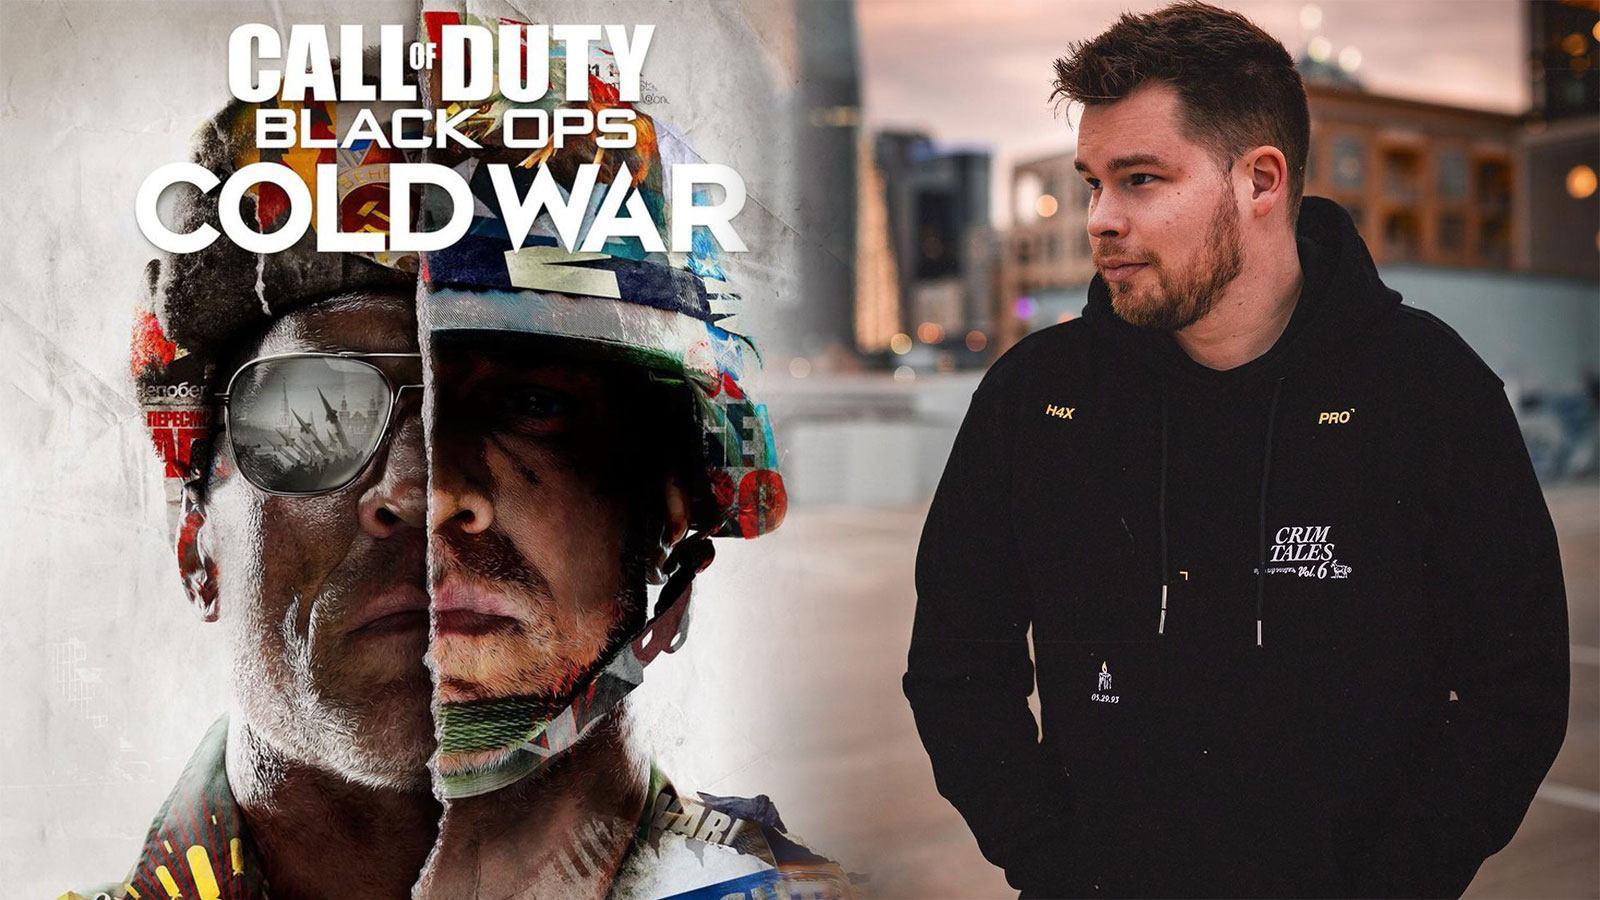 Crimisx évoque les problèmes de triche sur Call of Duty